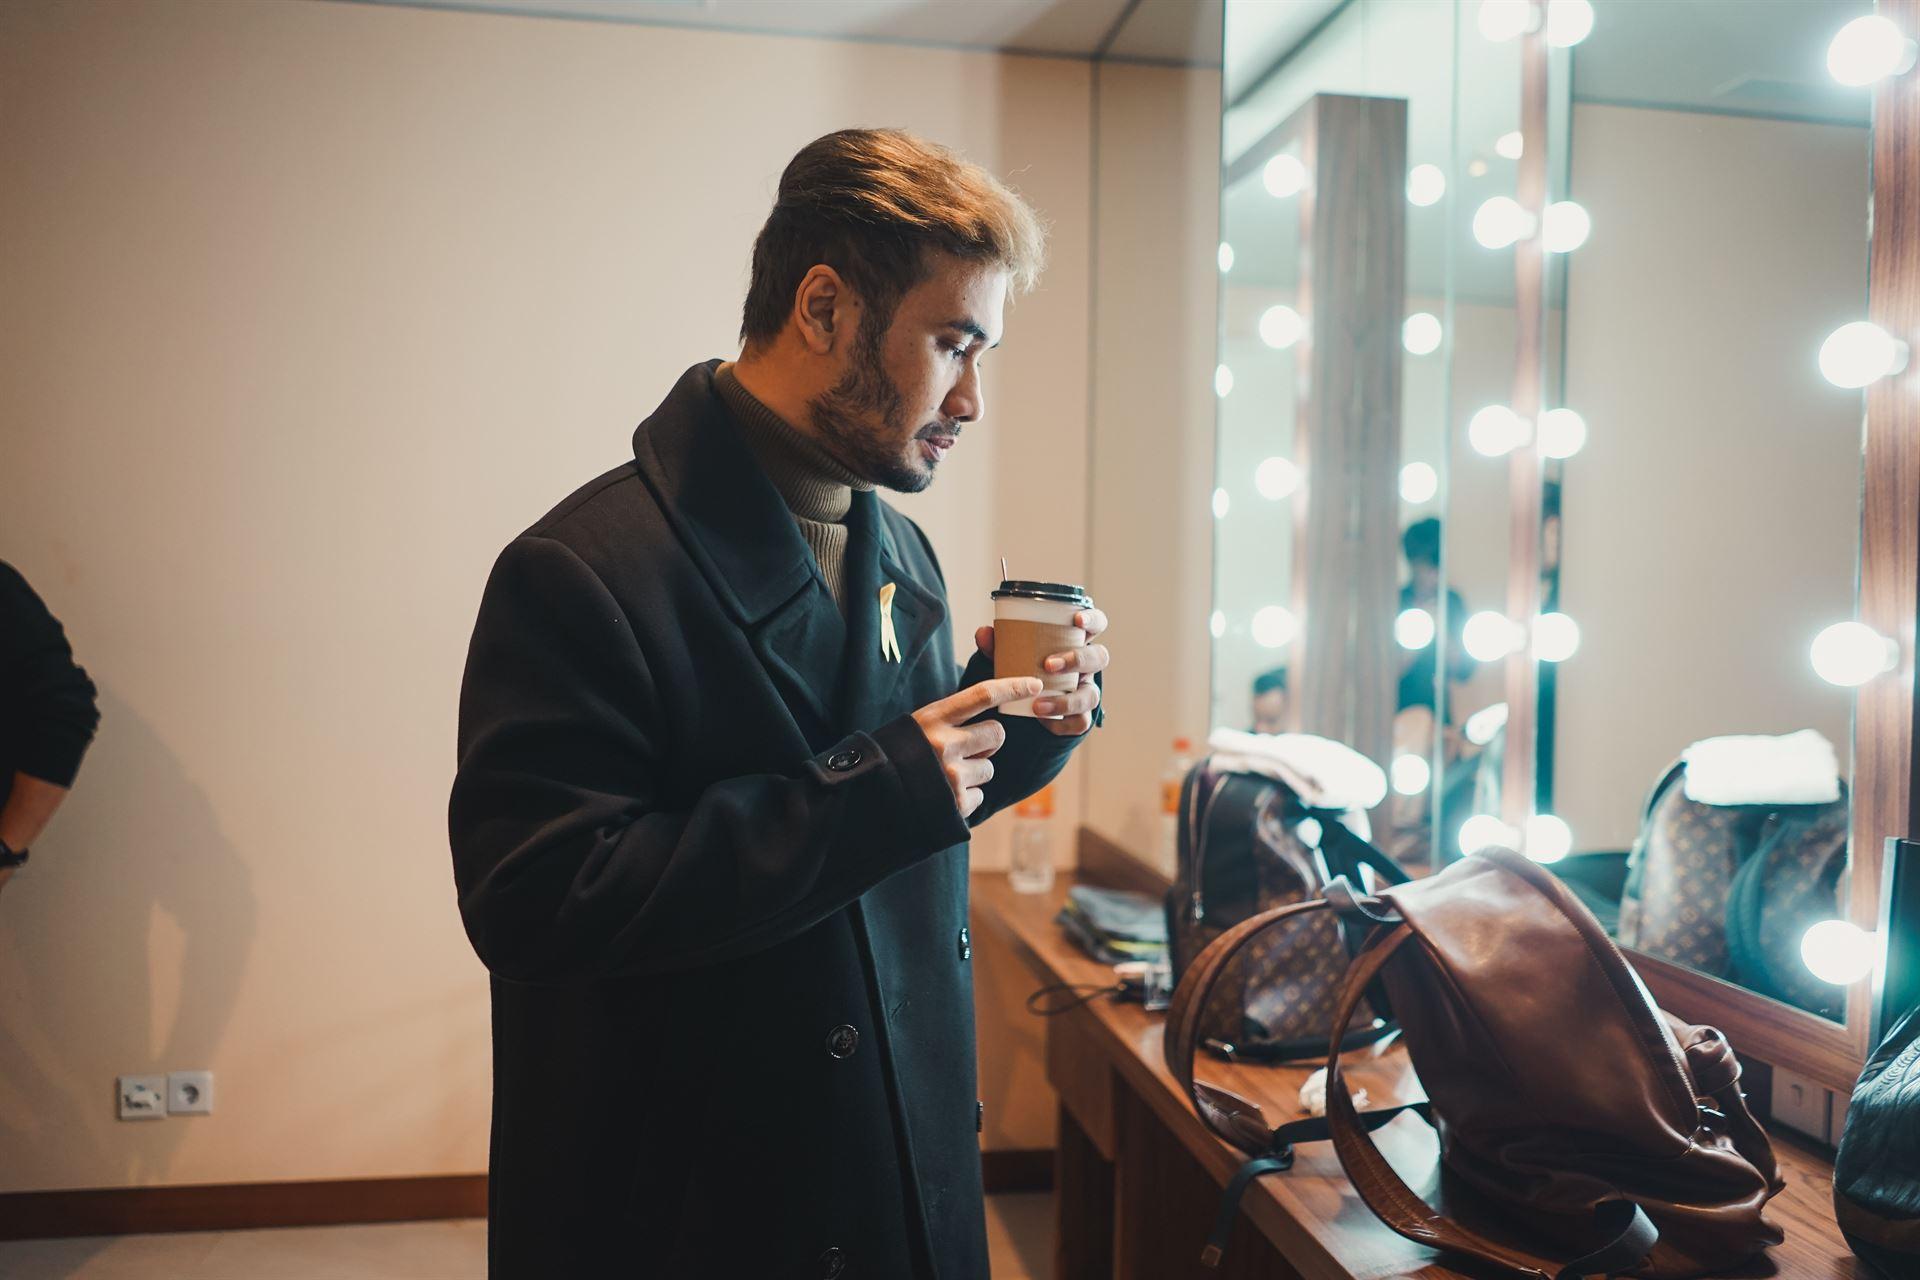 Sempat Ditolak Label, JFlow Bikin Perusahaan Musik Sendiri | Kapanlagi.com